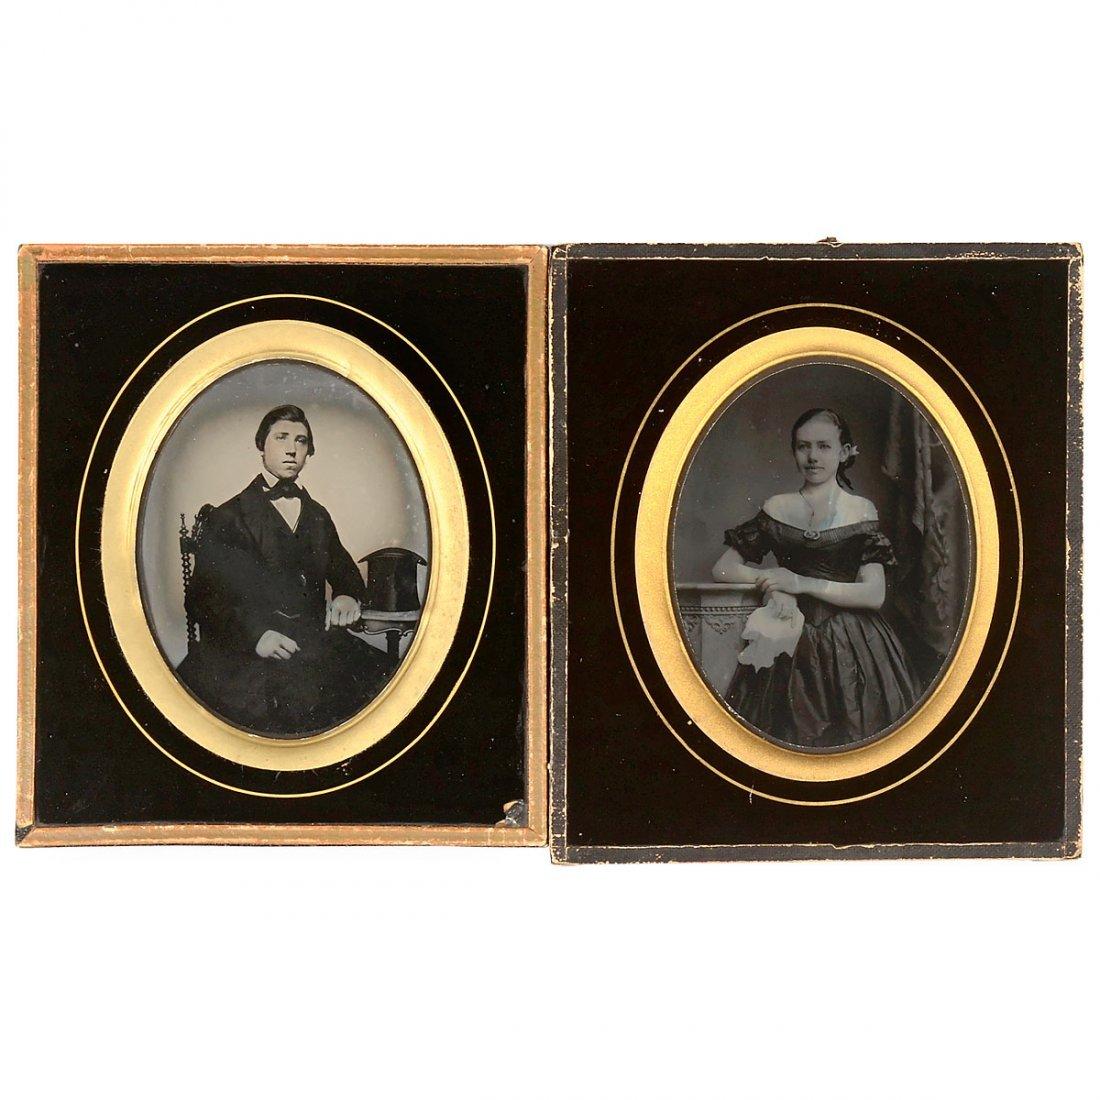 2 Ambrotypes, c. 1850